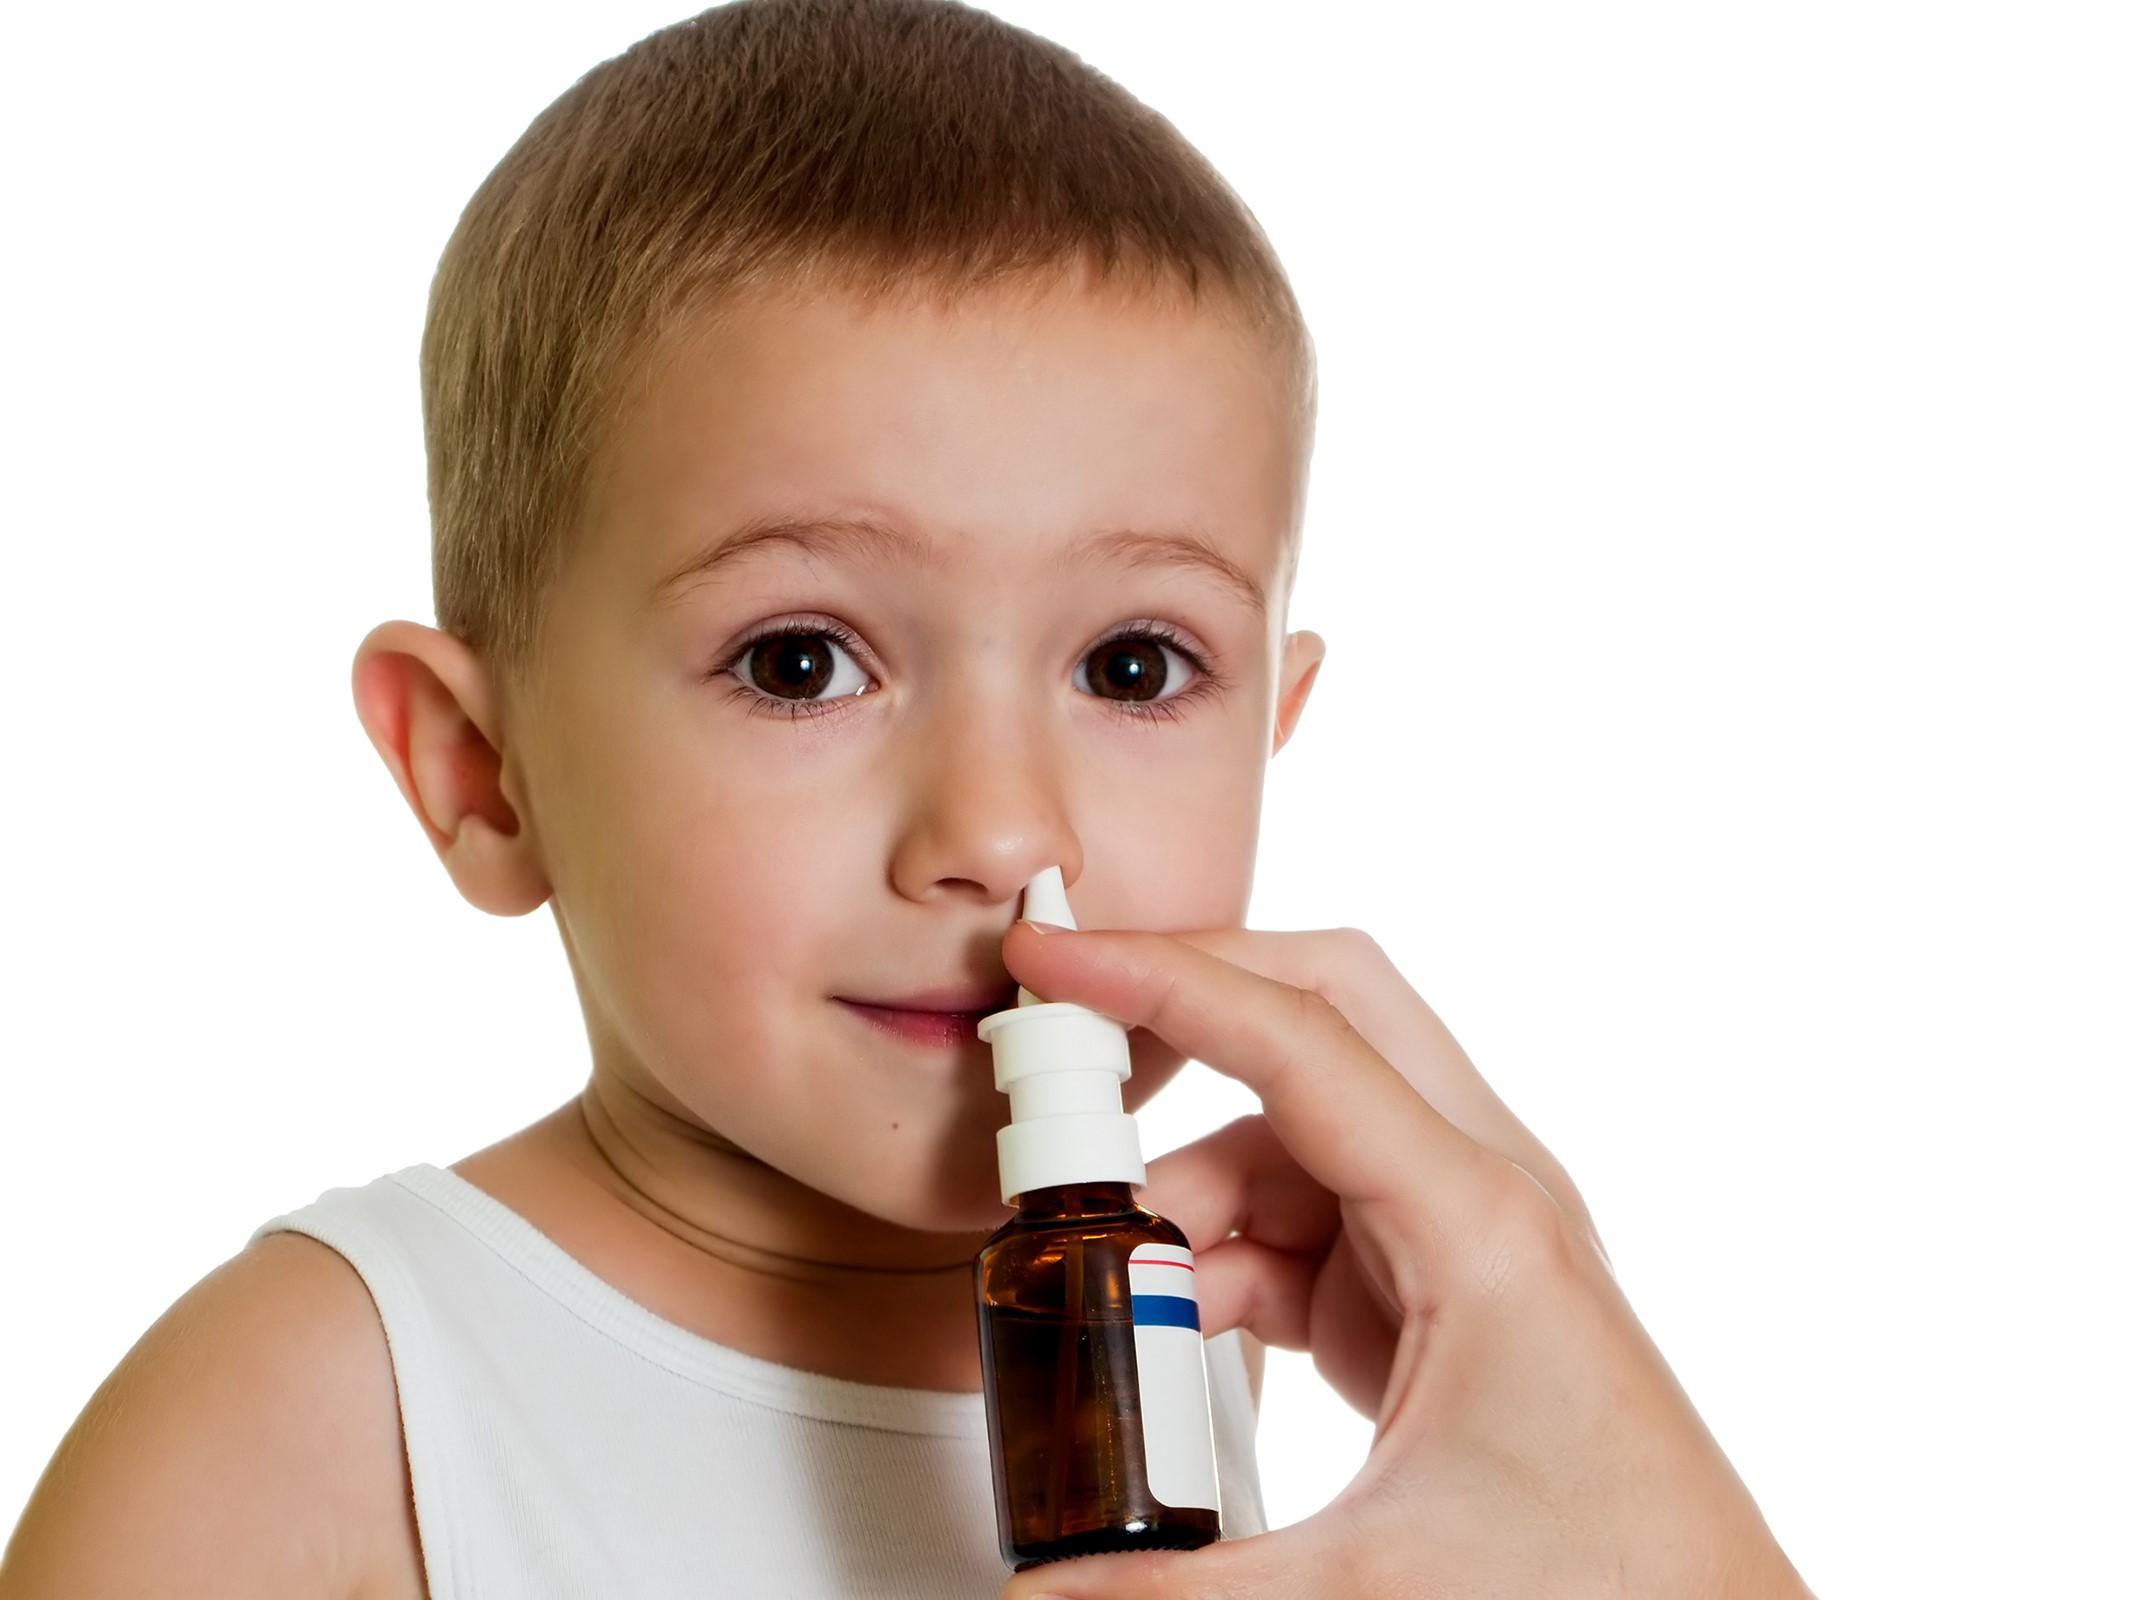 Overdose av nesespray kan gi alvorlige forgiftninger hos barn